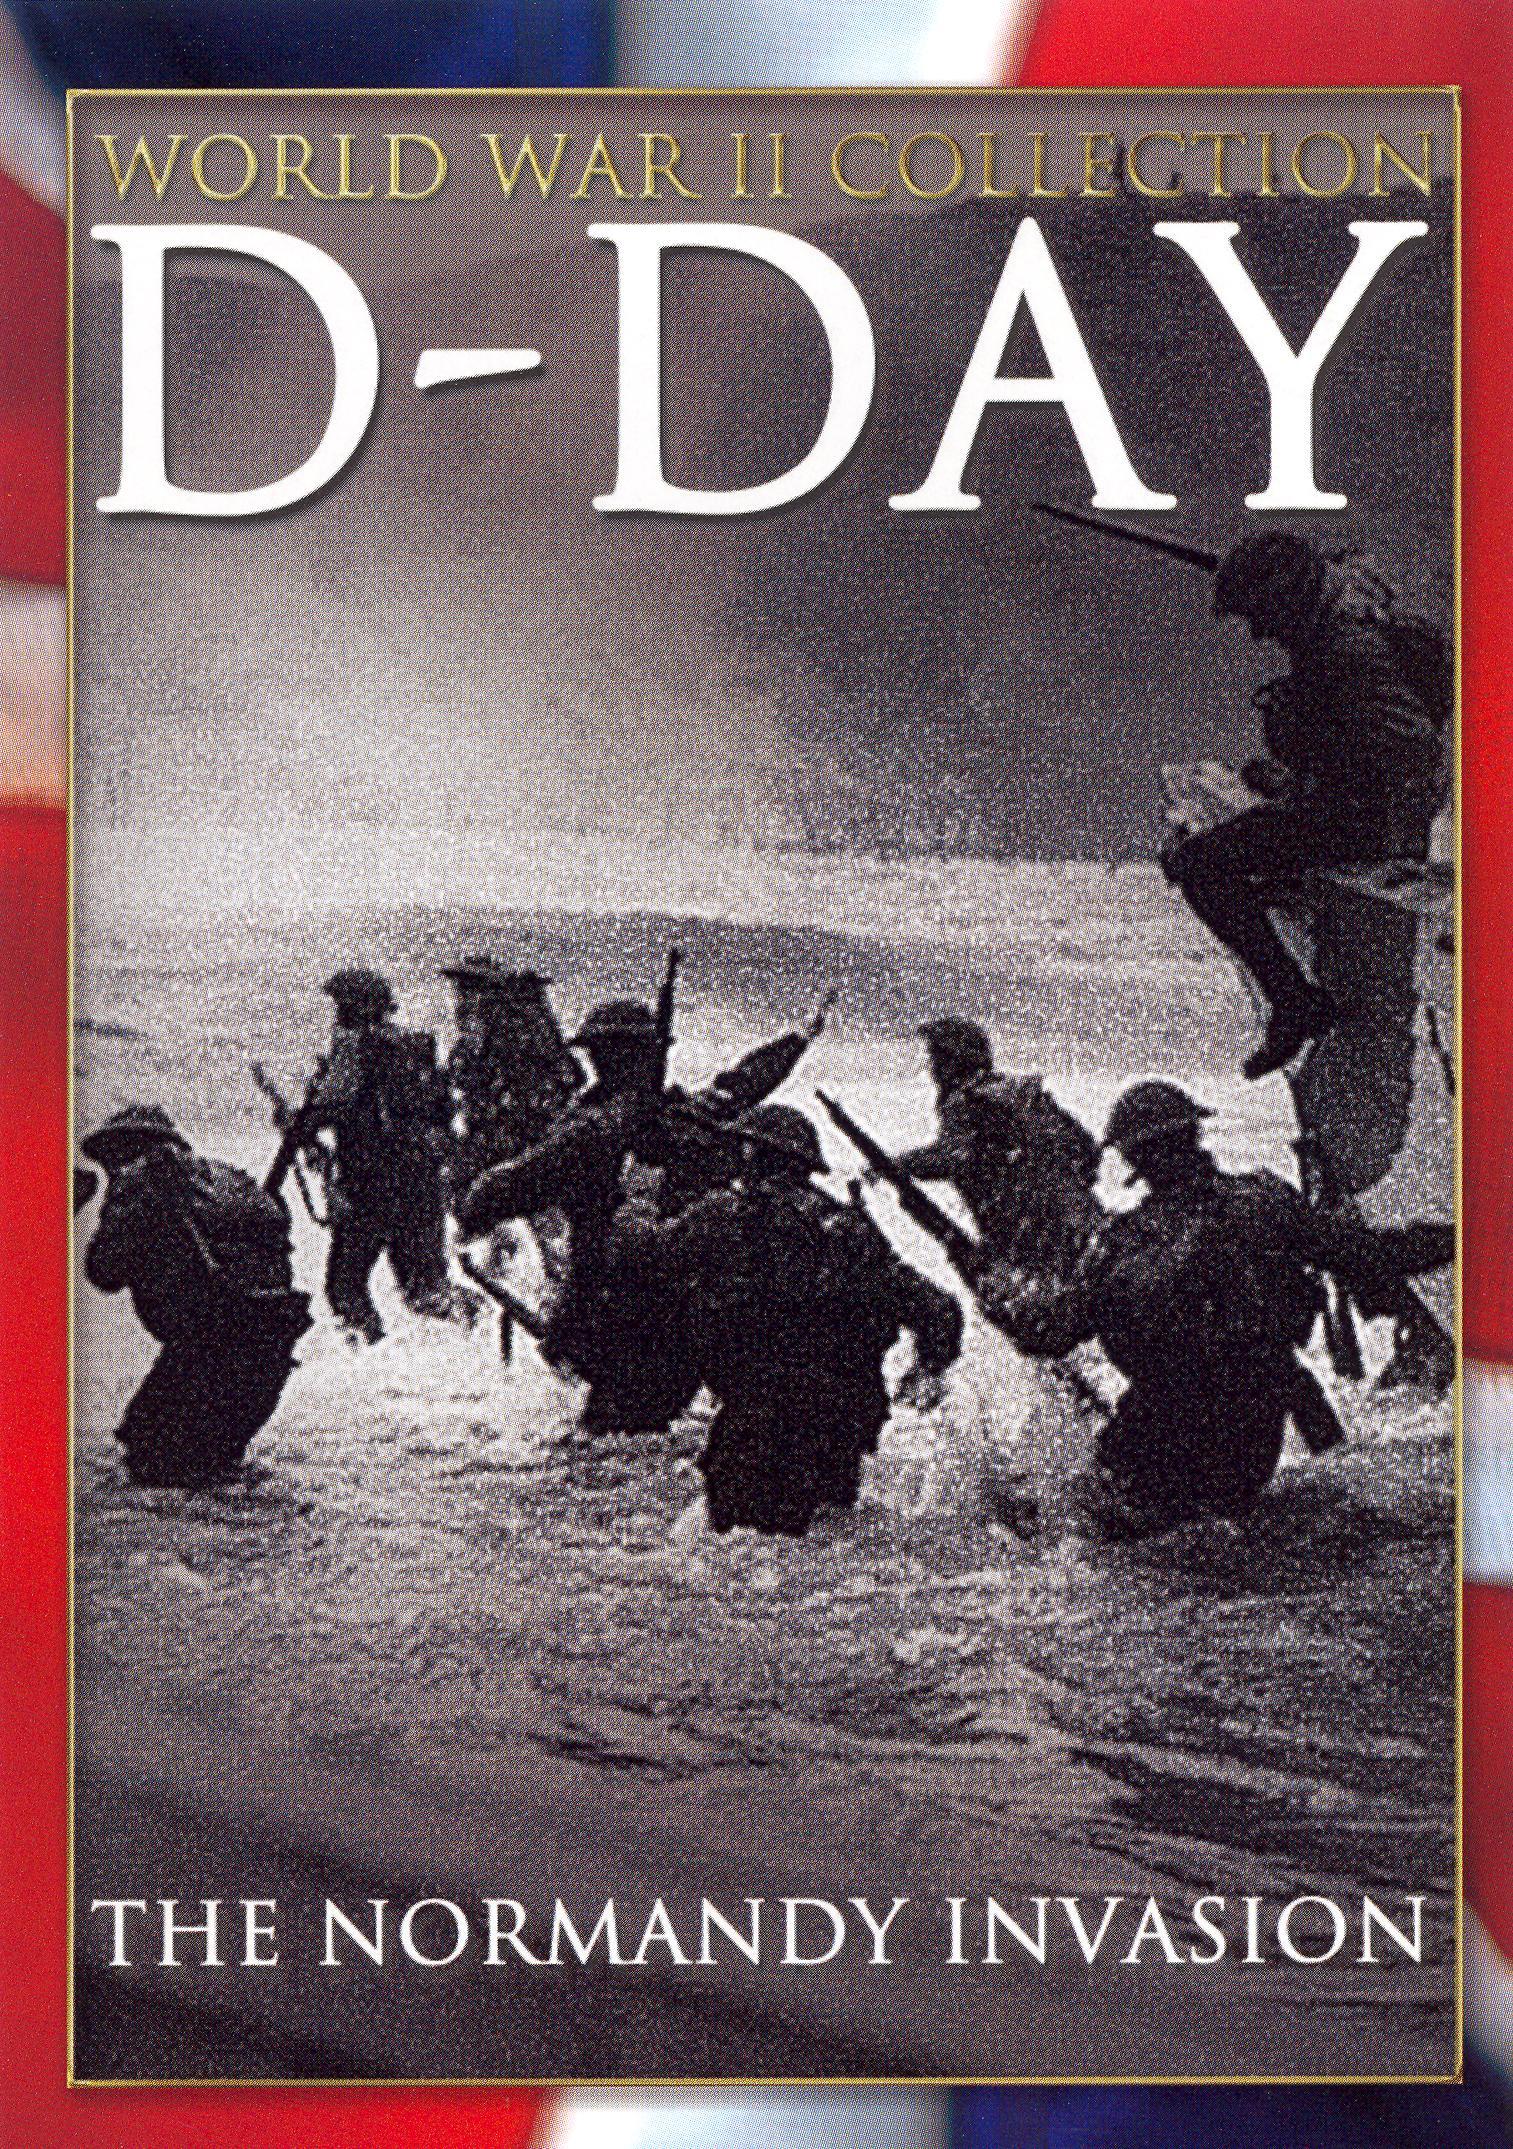 Heute vor 70 Jahren begann der AlliiertenInvasion in der